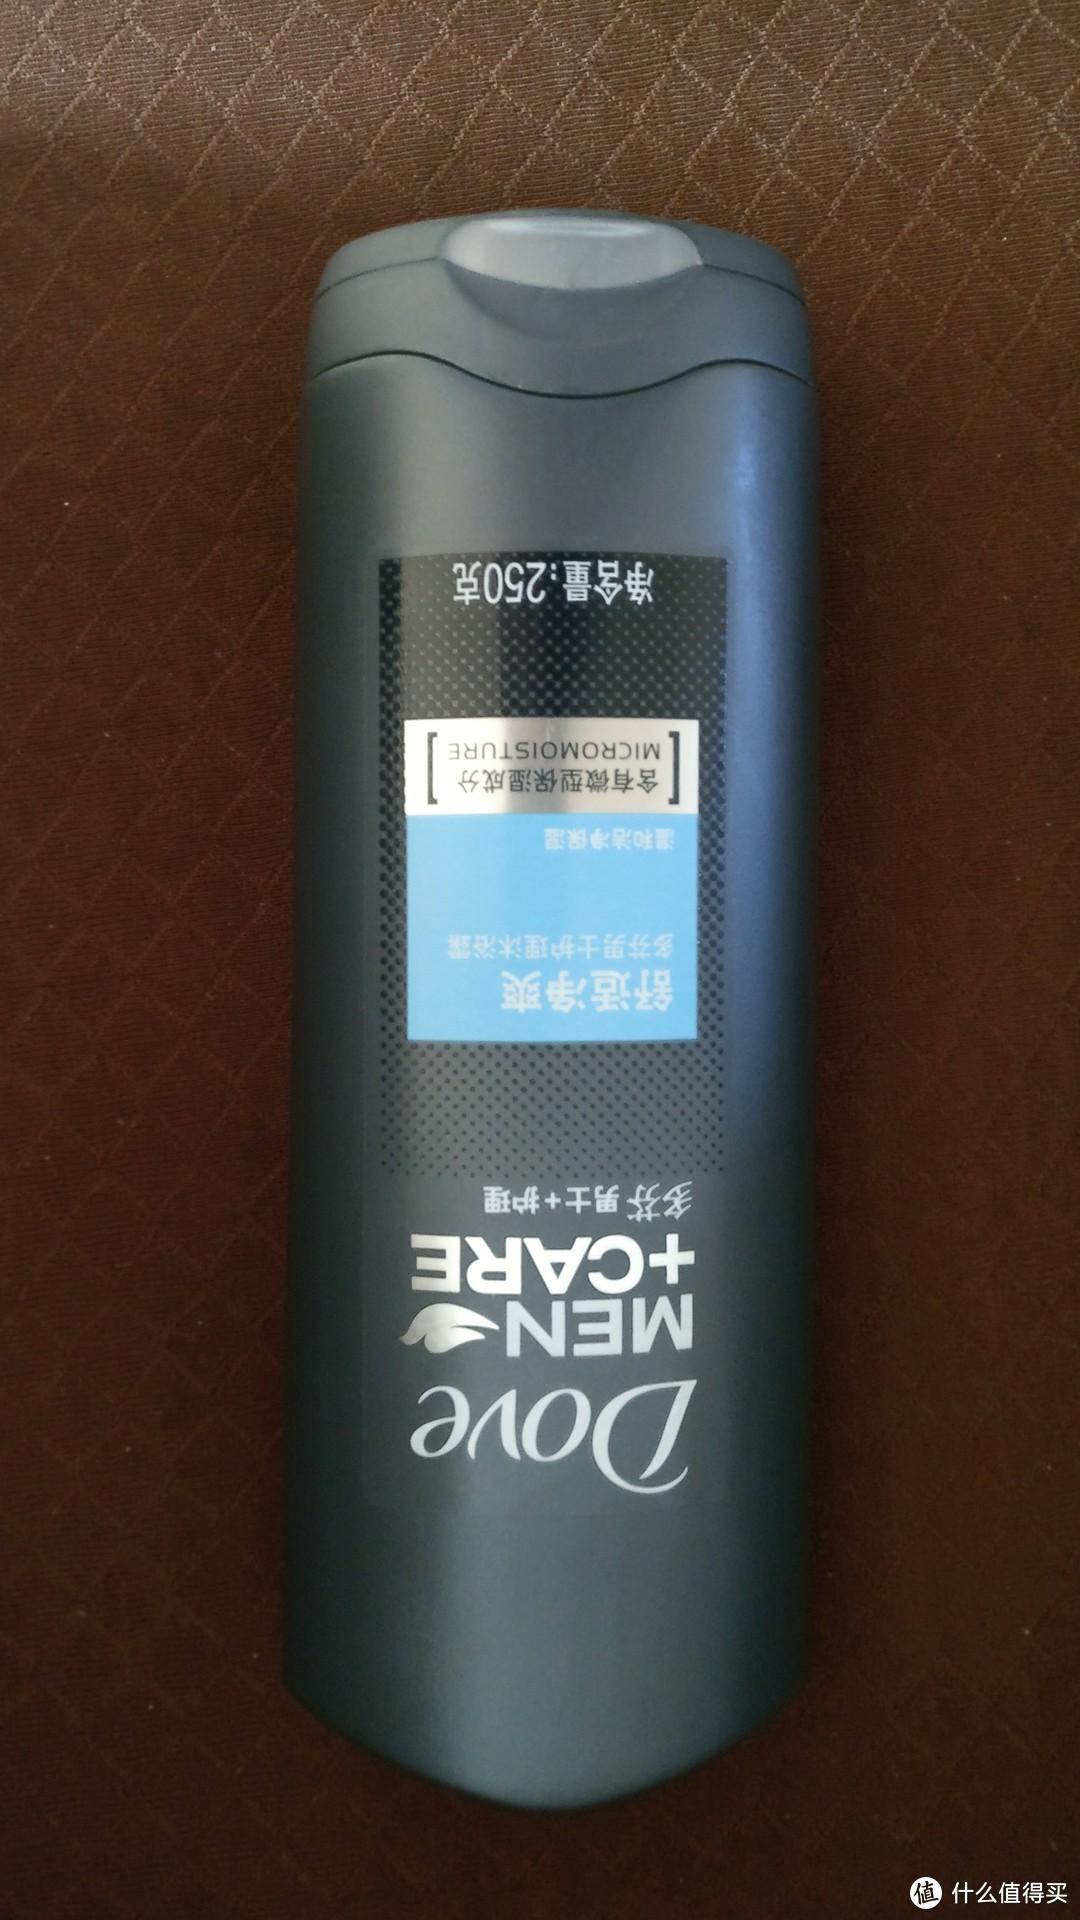 【轻众测】多芬男士+护理 舒适净爽型 沐浴露 250ml + 多效养护型 强韧洗发露 200ml